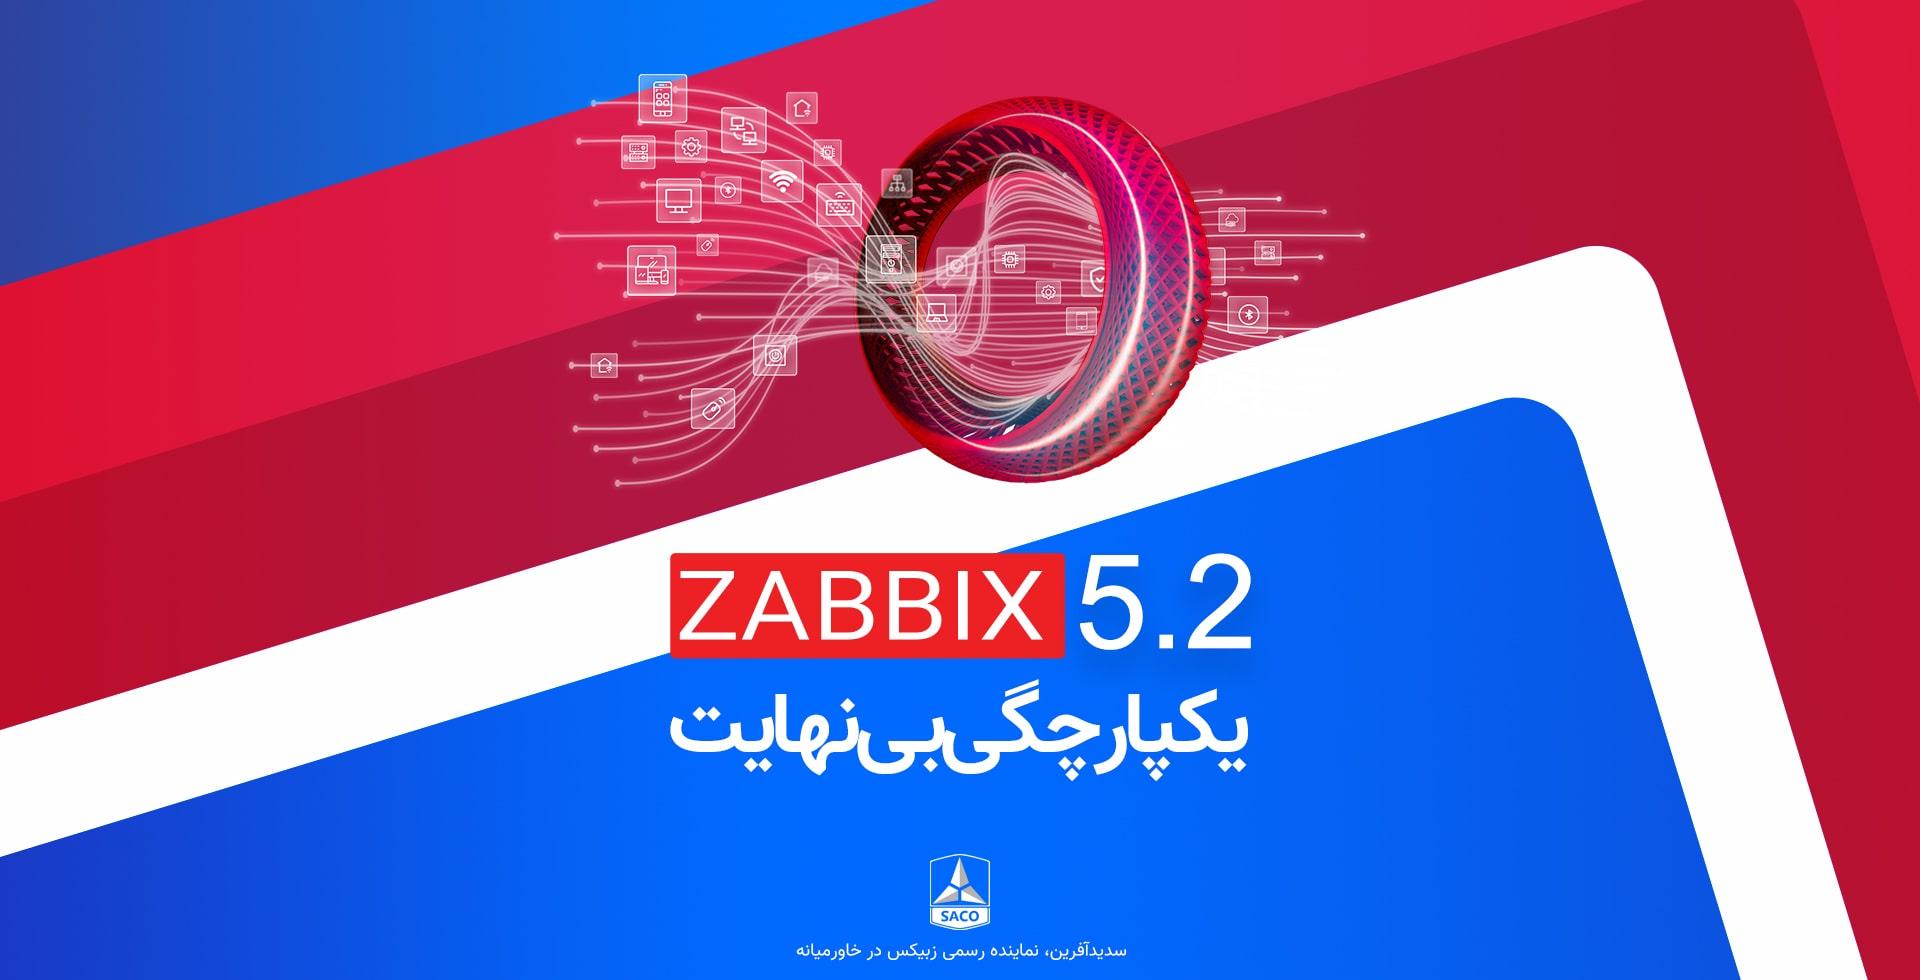 بررسی نسخه جدید زبیکس، زبیکس ۵.۲